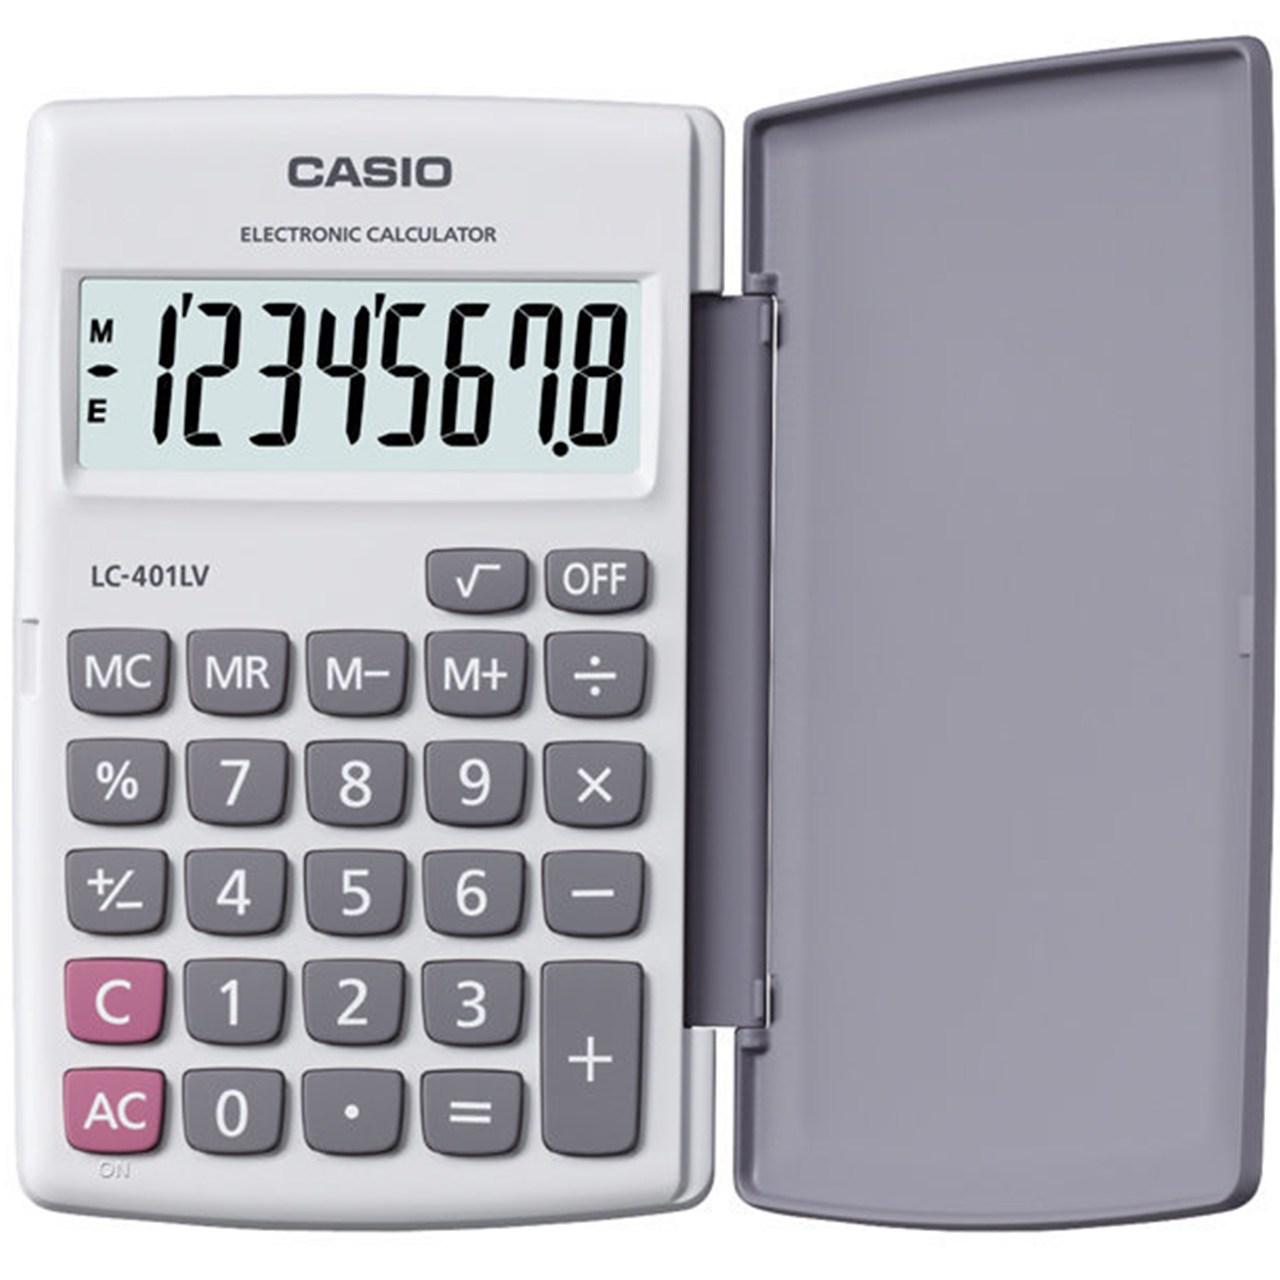 ماشین حساب کاسیو مدل LC-401LV-WE